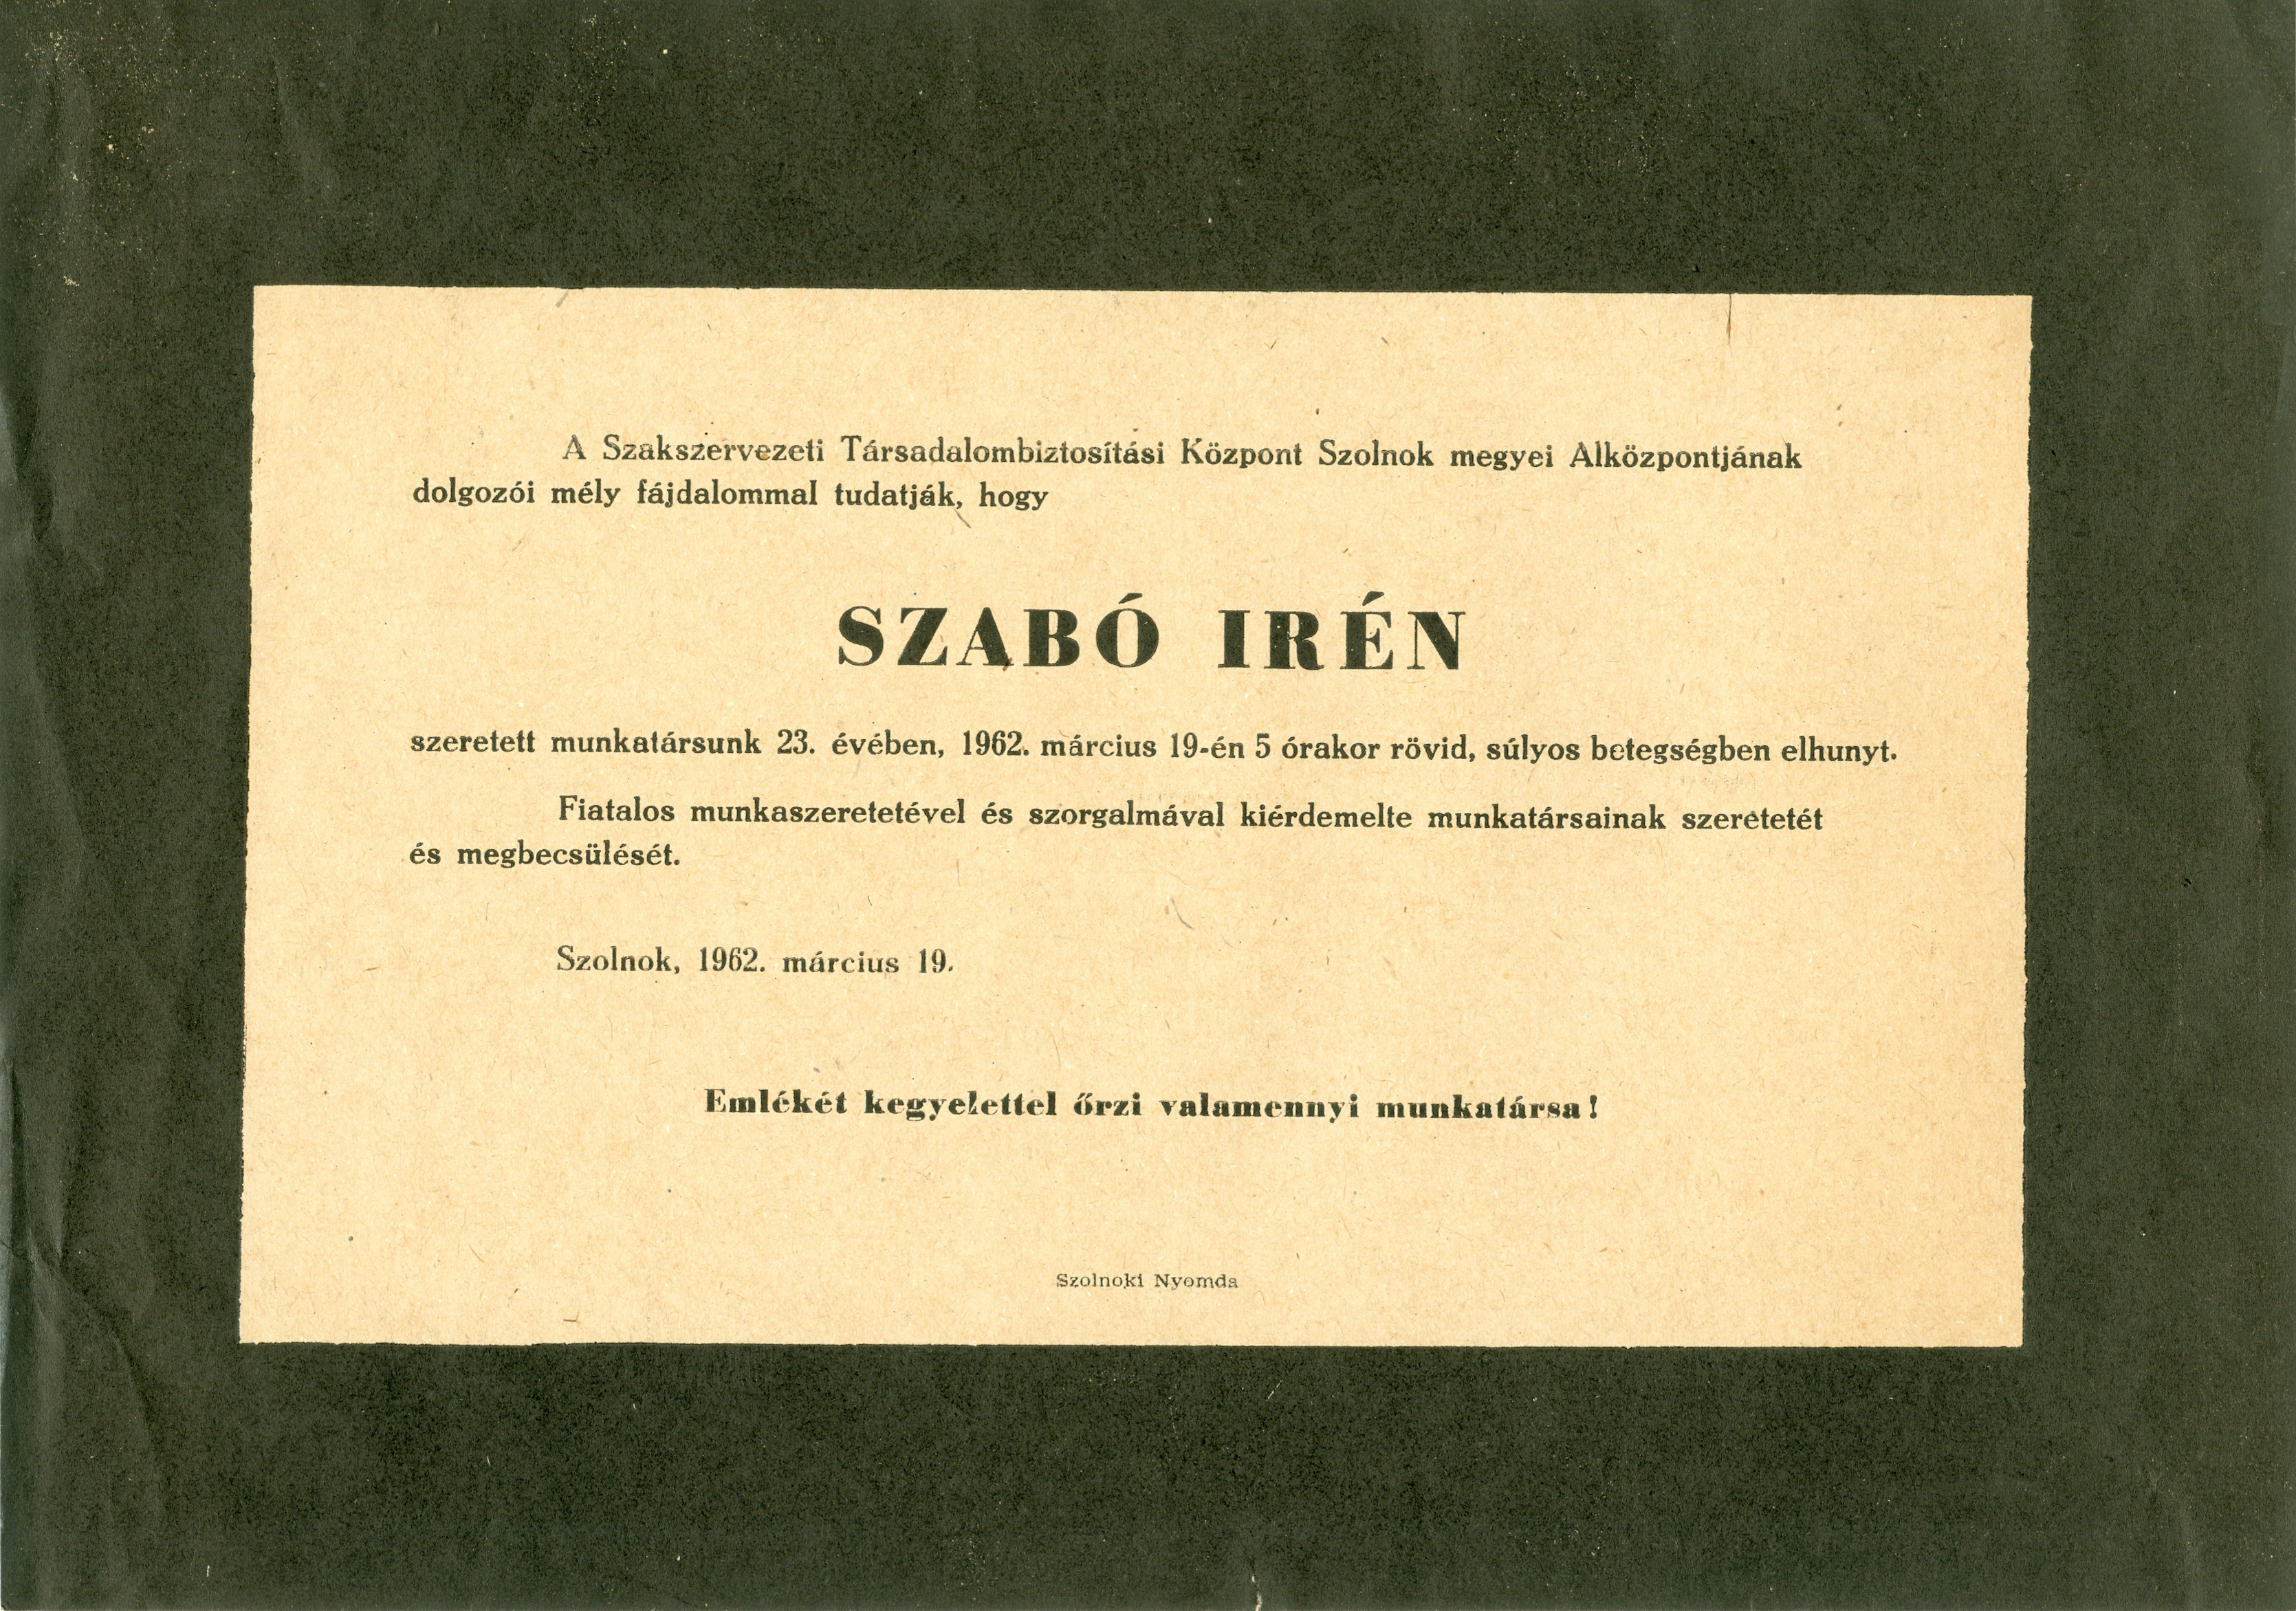 Szabó Irén